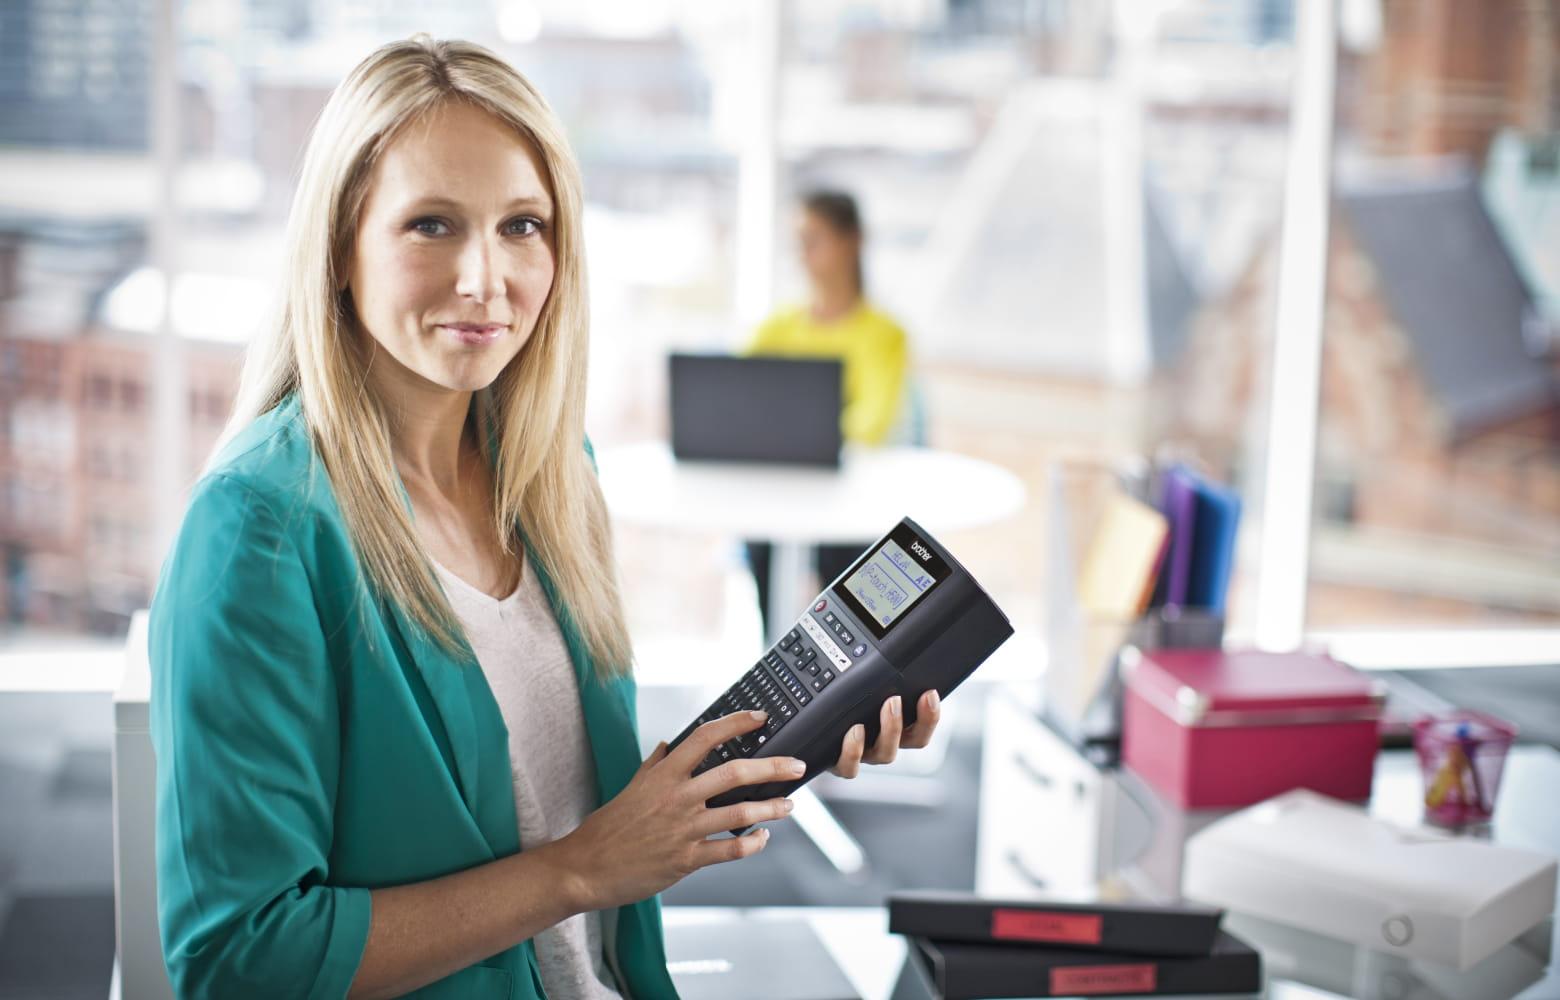 Inventární pracovnice drží tiskárnu štítků Brother P-touch na označování položek v kanceláři